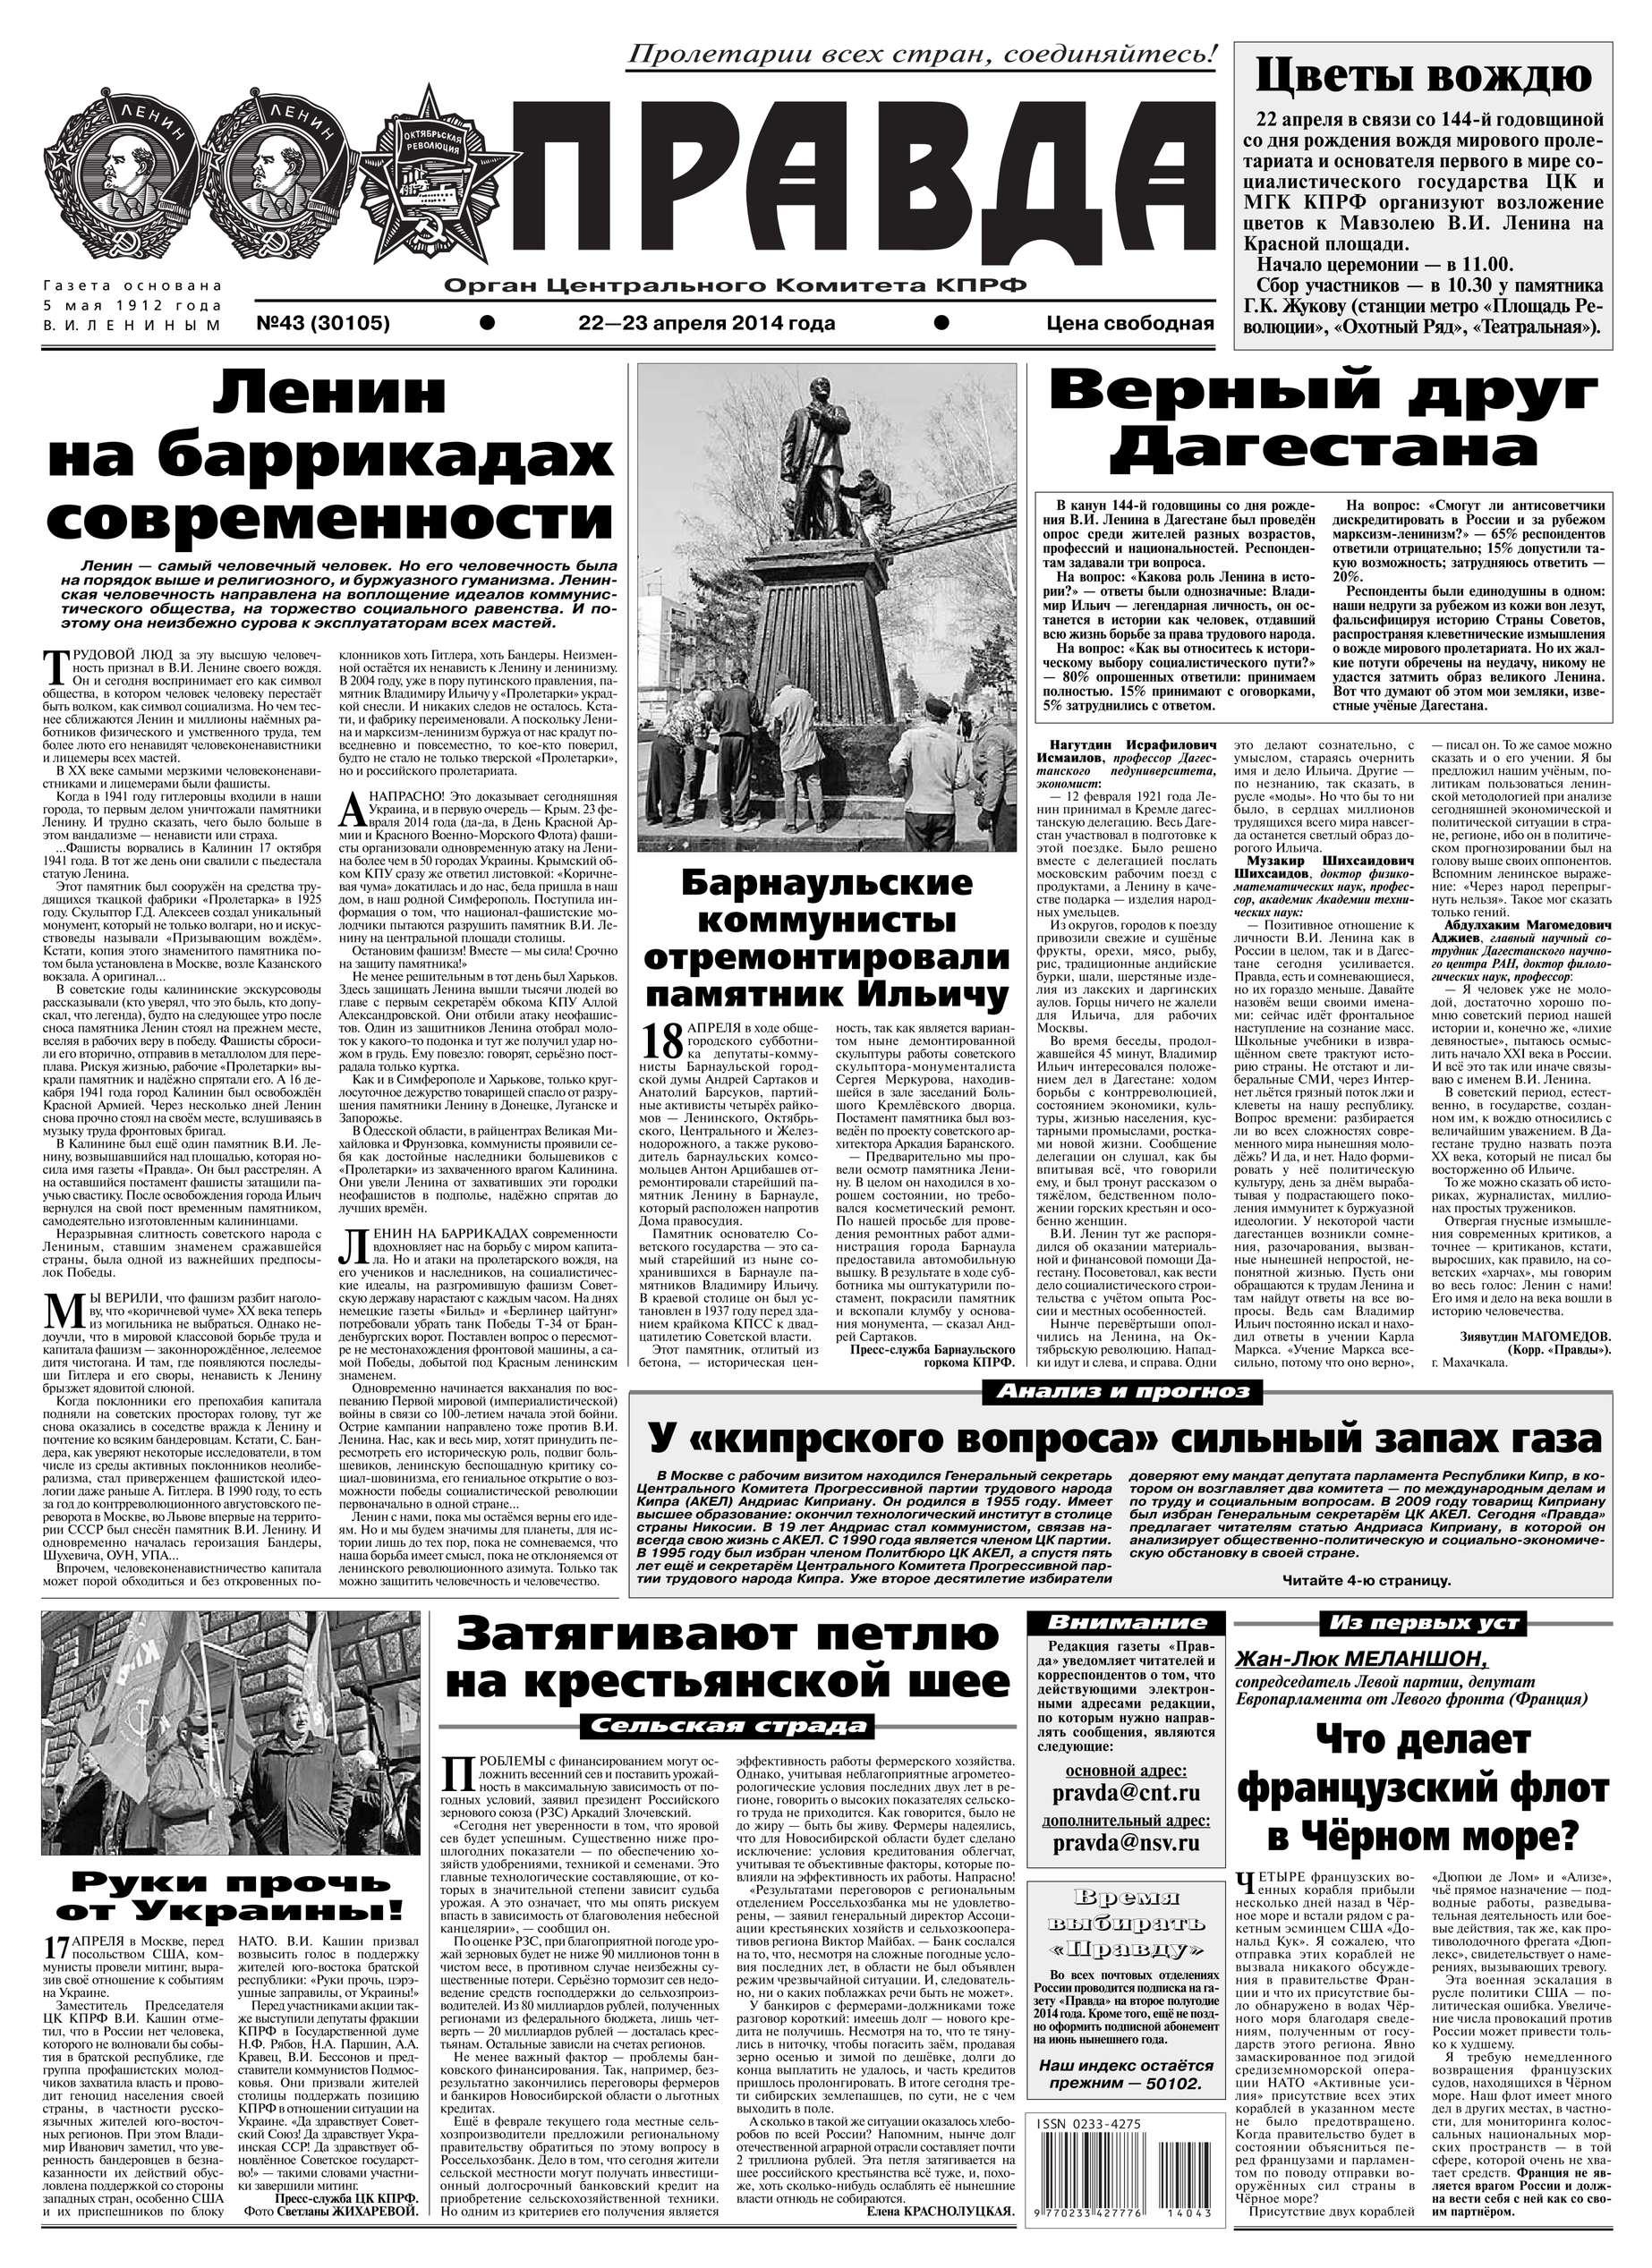 цена Редакция газеты Правда Правда 43